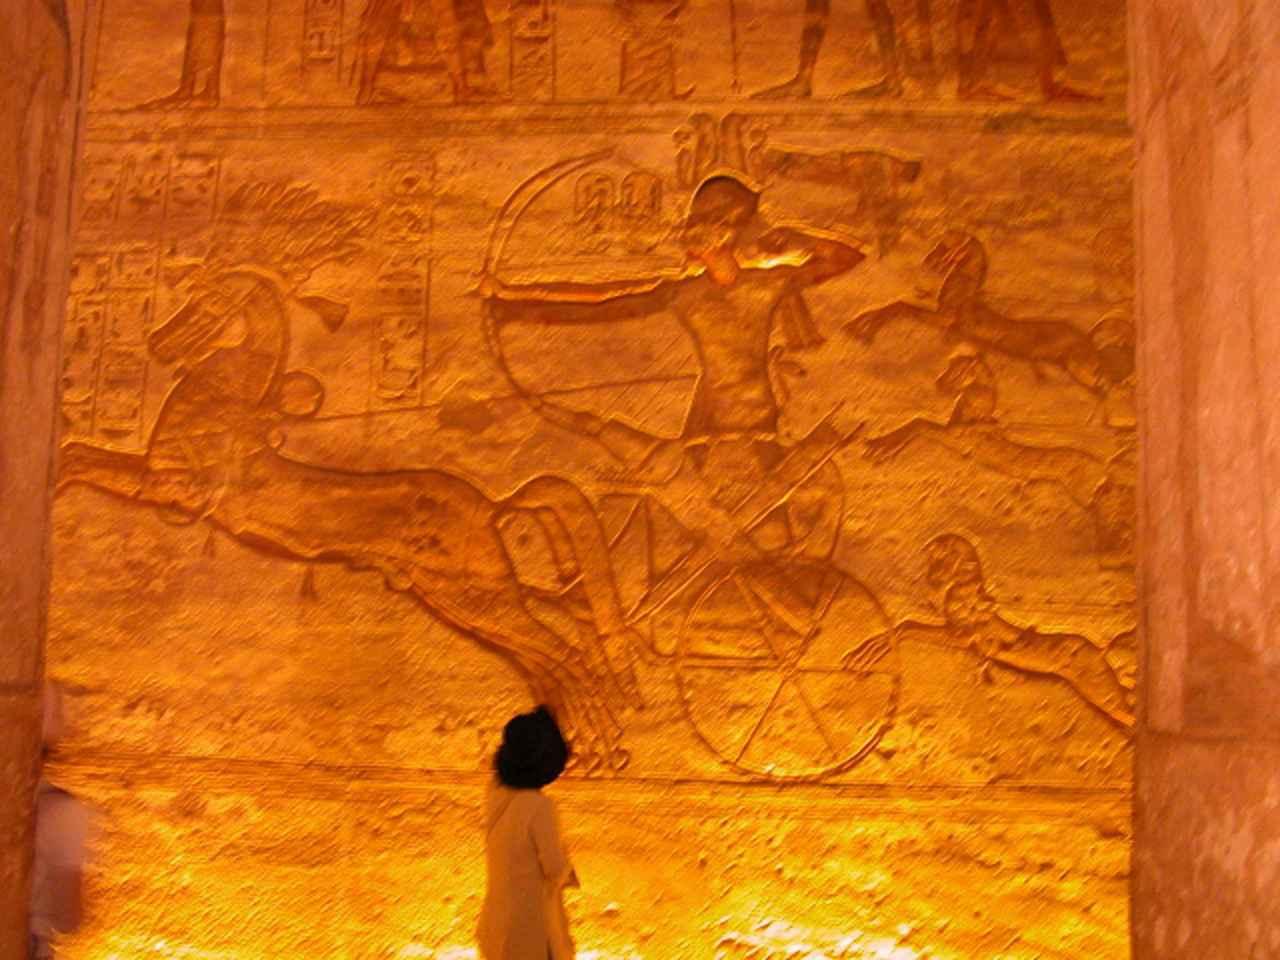 画像: アブ・シンベル神殿内レリーフ アブシンベル神殿の壁画には巨大なラメセス2世が敵を討つ姿が描かれています